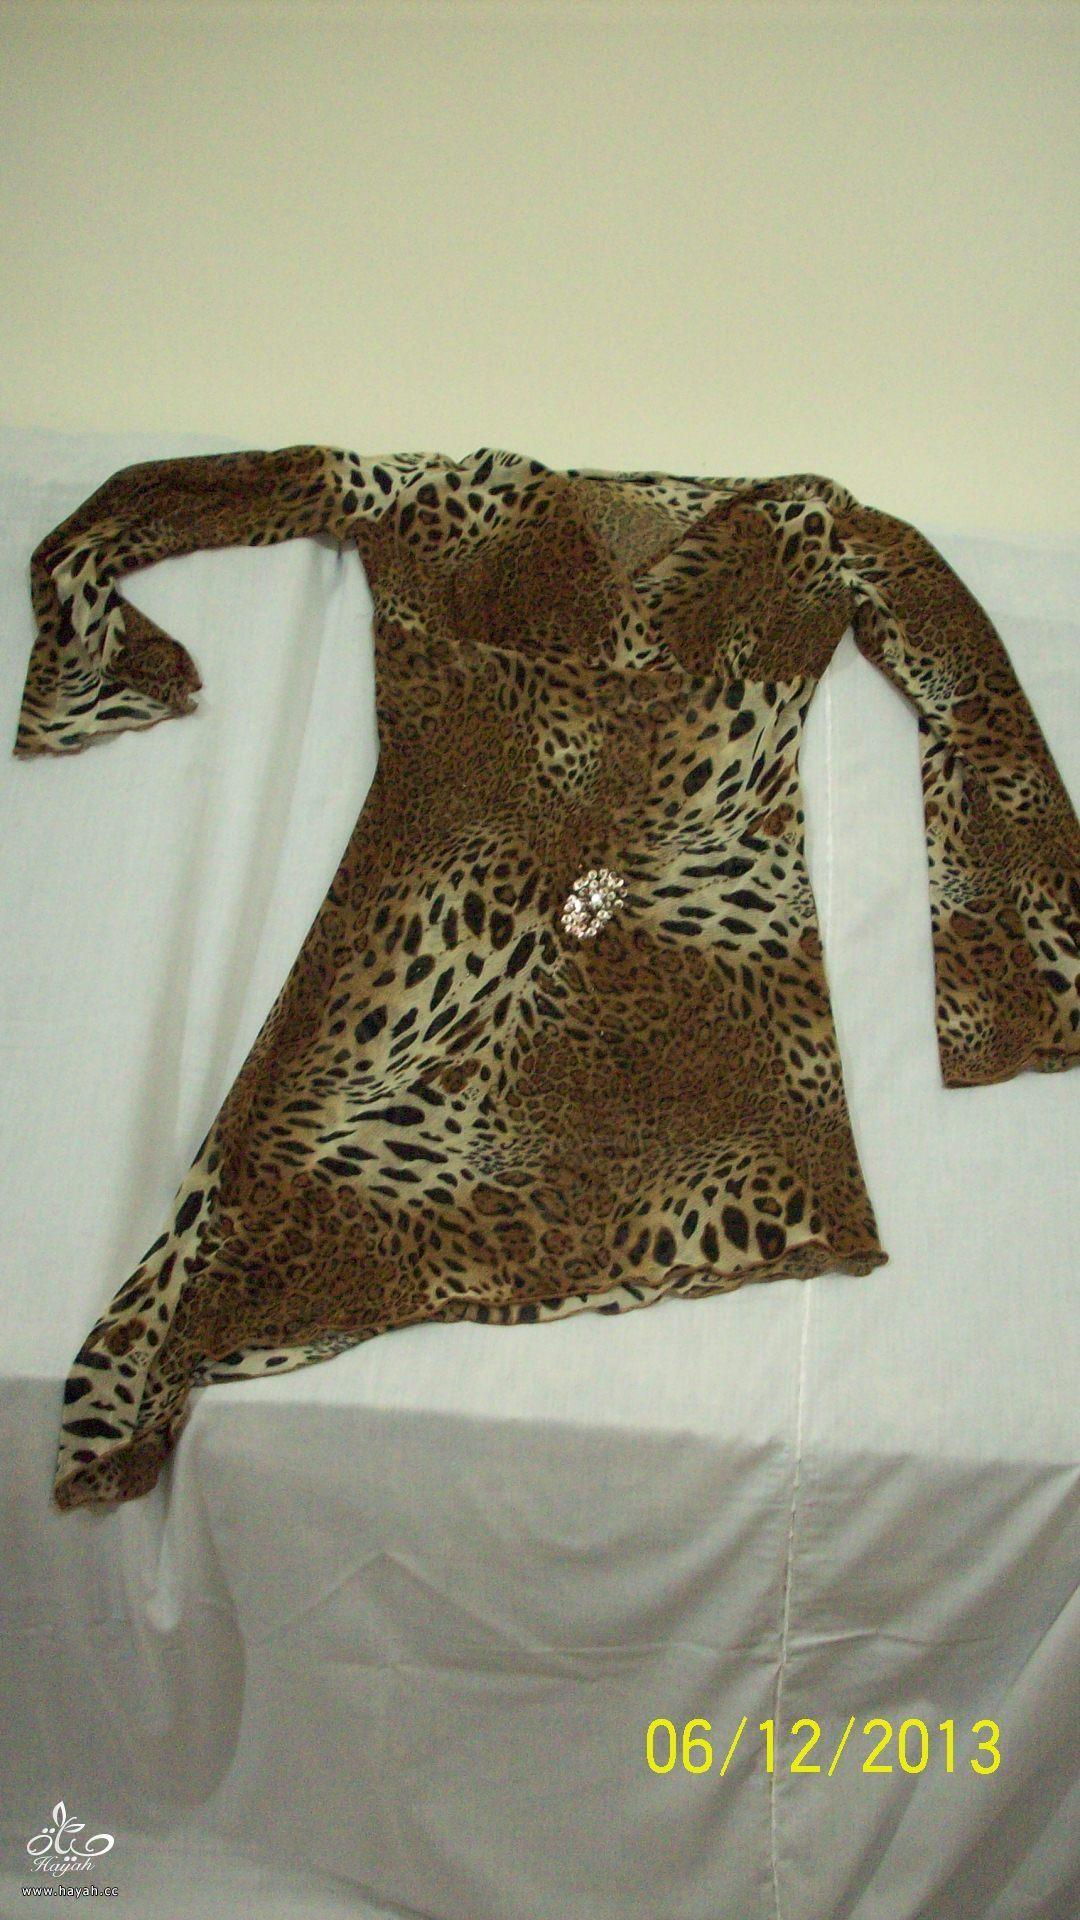 ملابسي - ملابس جديدة للبيع hayahcc_1389921712_102.jpg